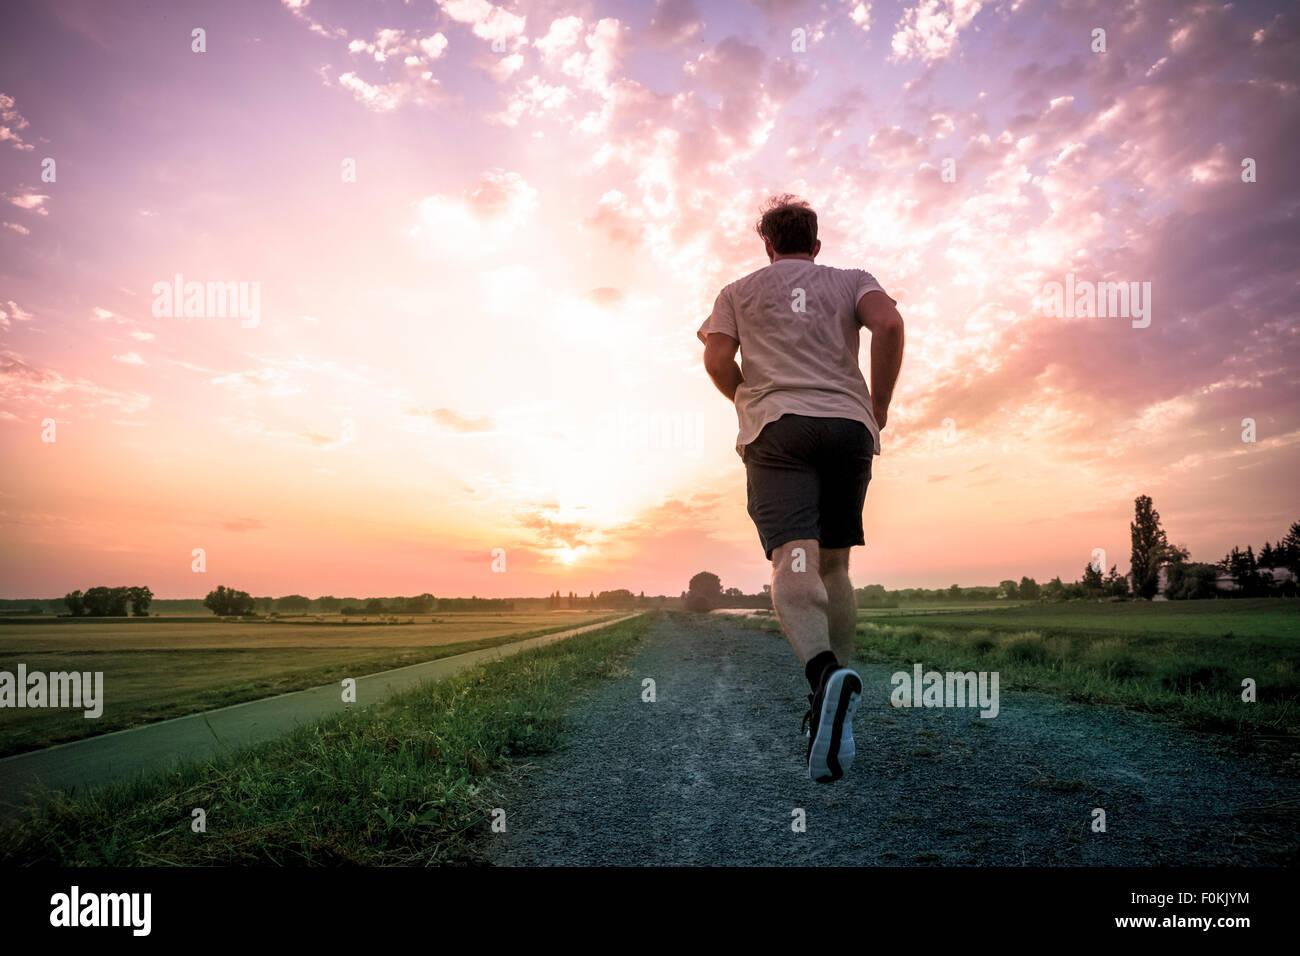 Vue arrière du man jogging at sunset Photo Stock